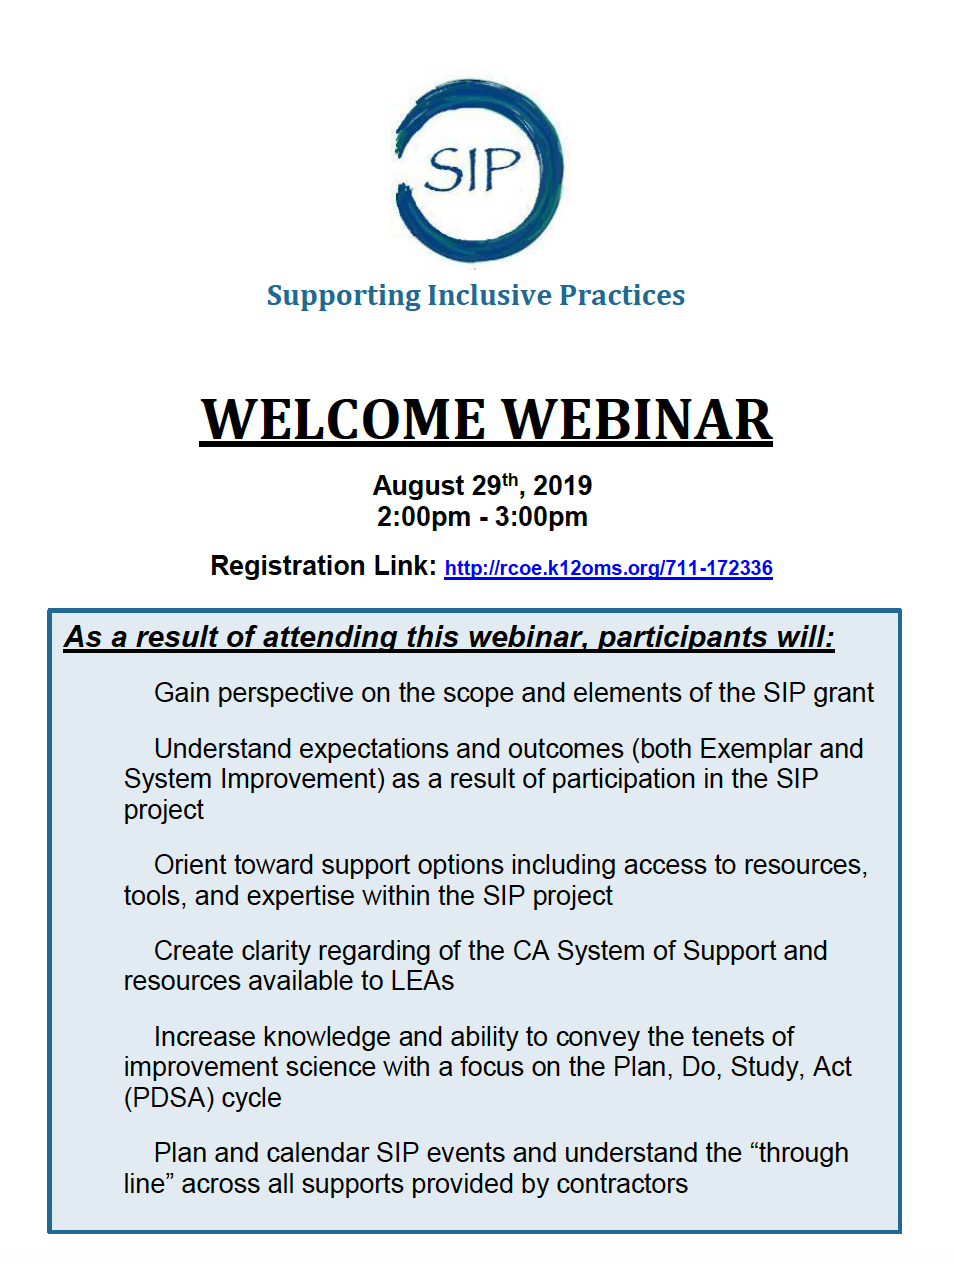 SIP Grantee Welcome Webinar